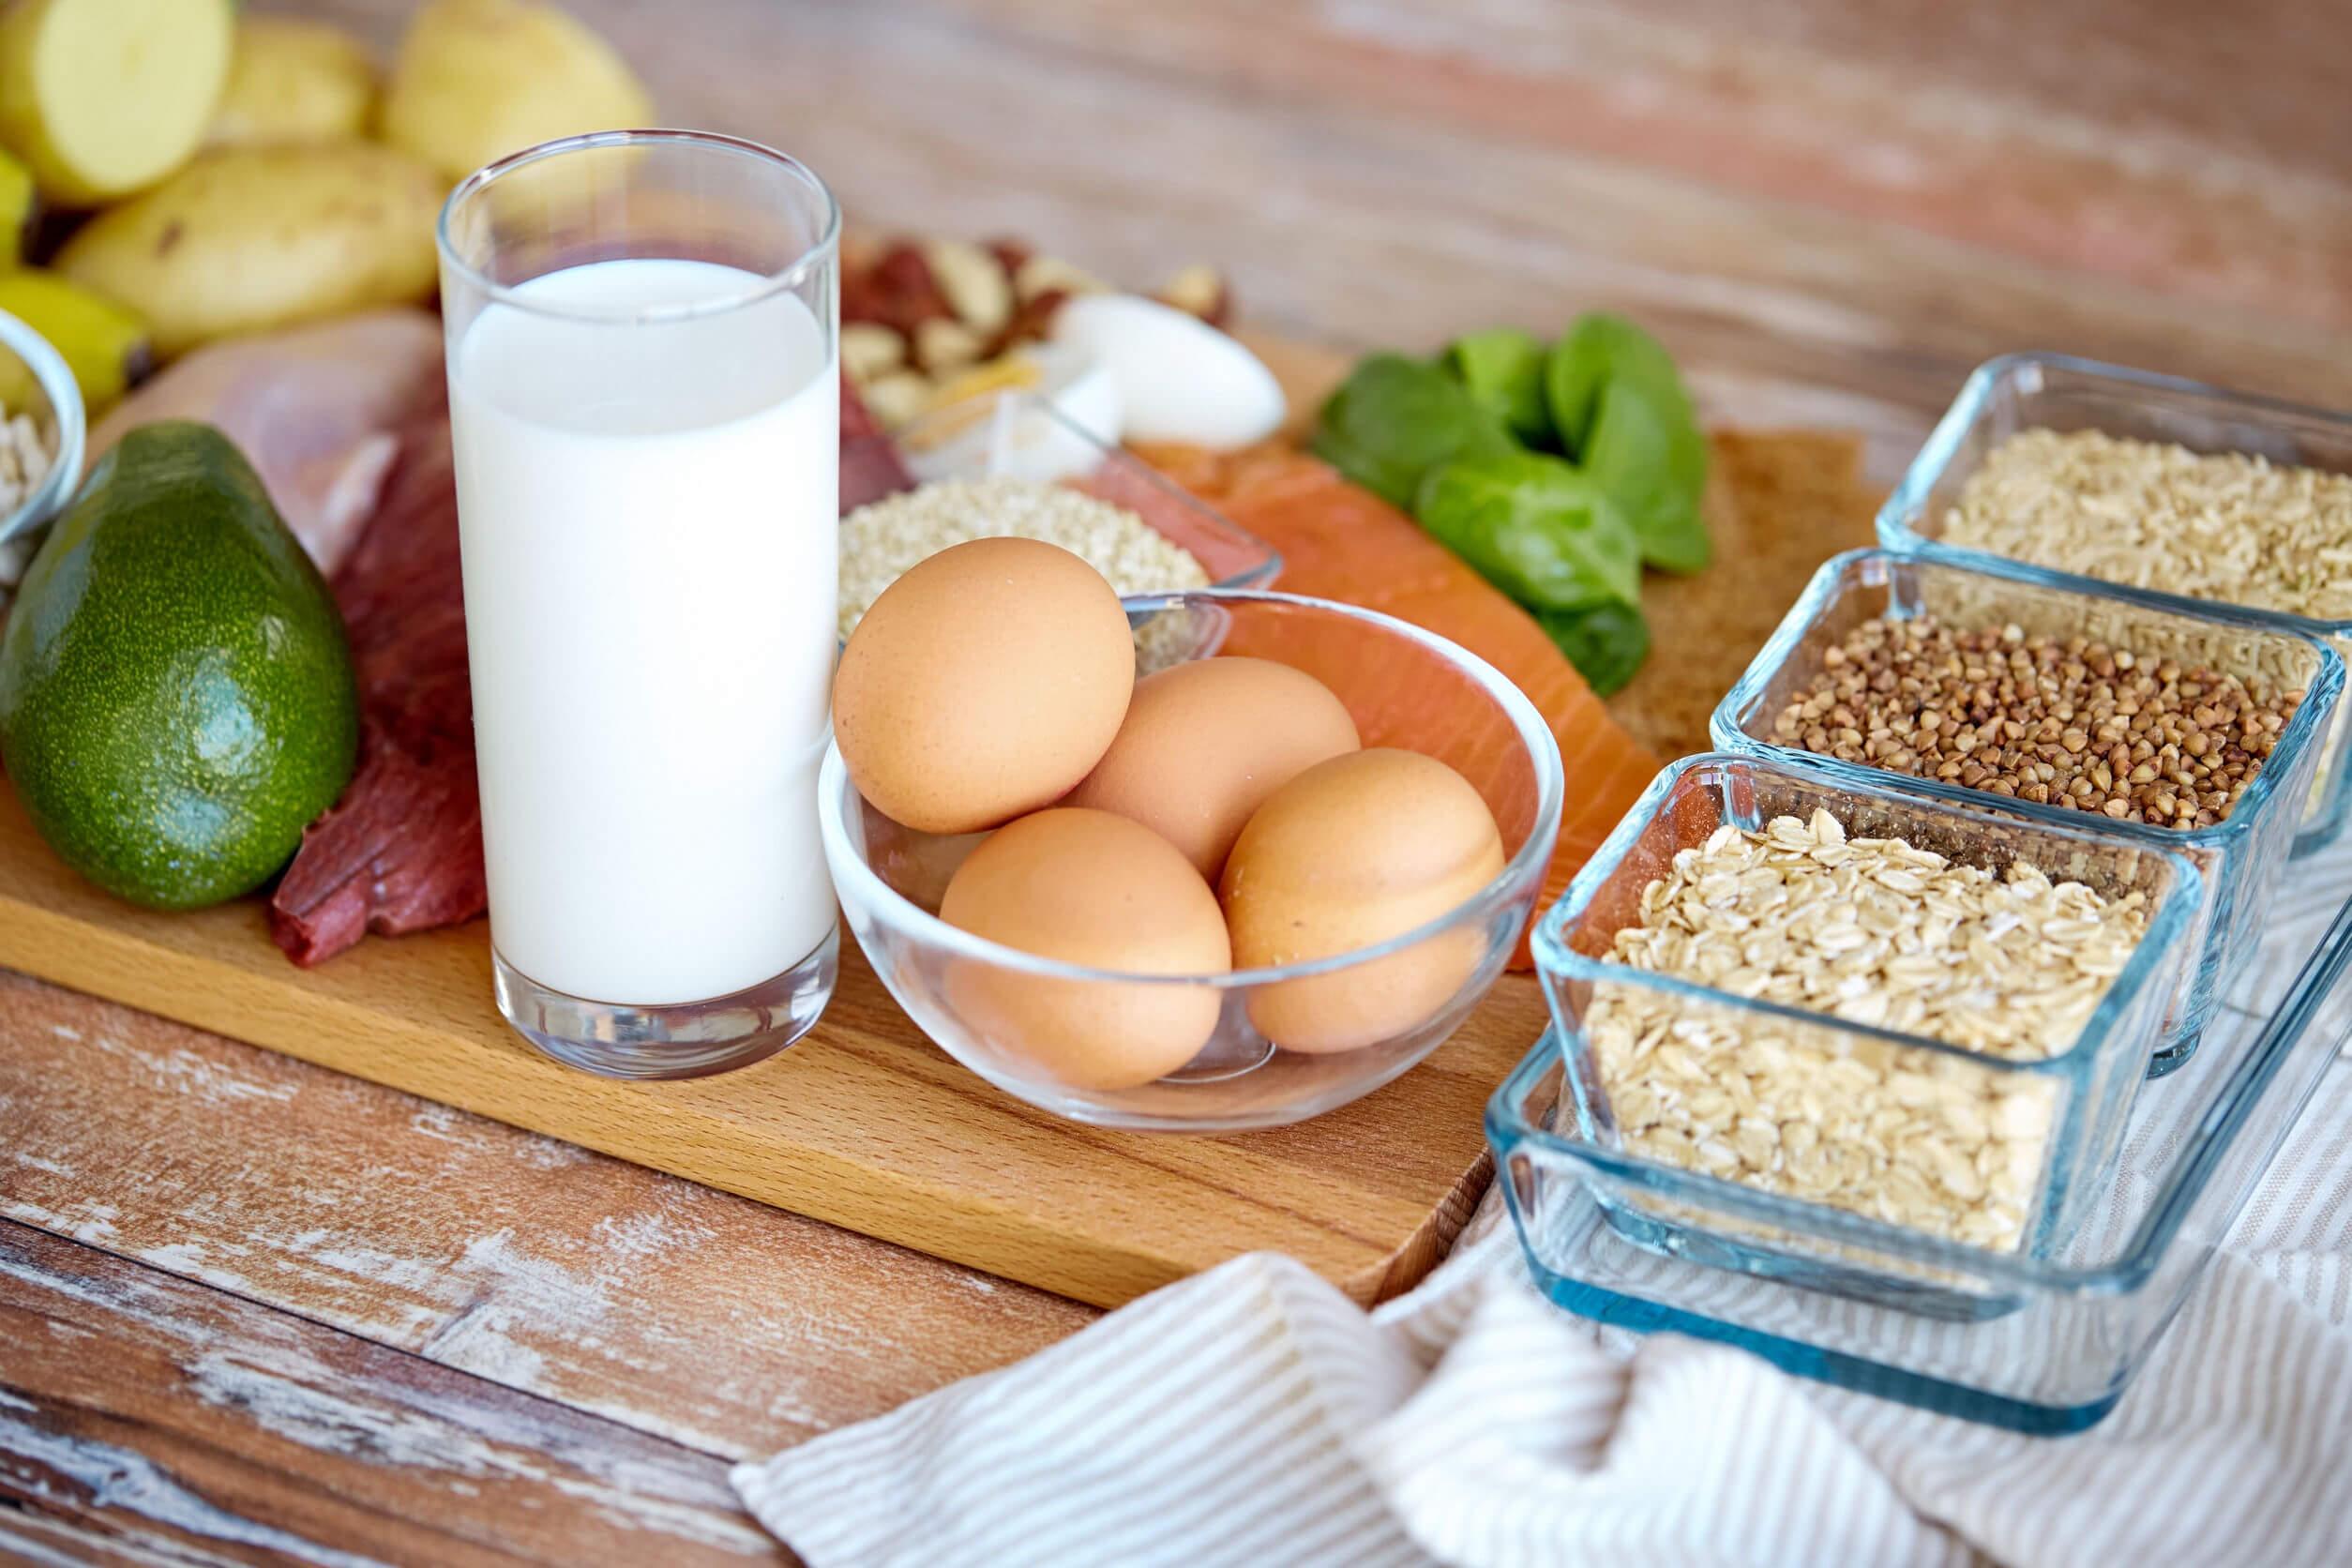 البروتينات من الغذاء حسب التوقيت التغذوي.